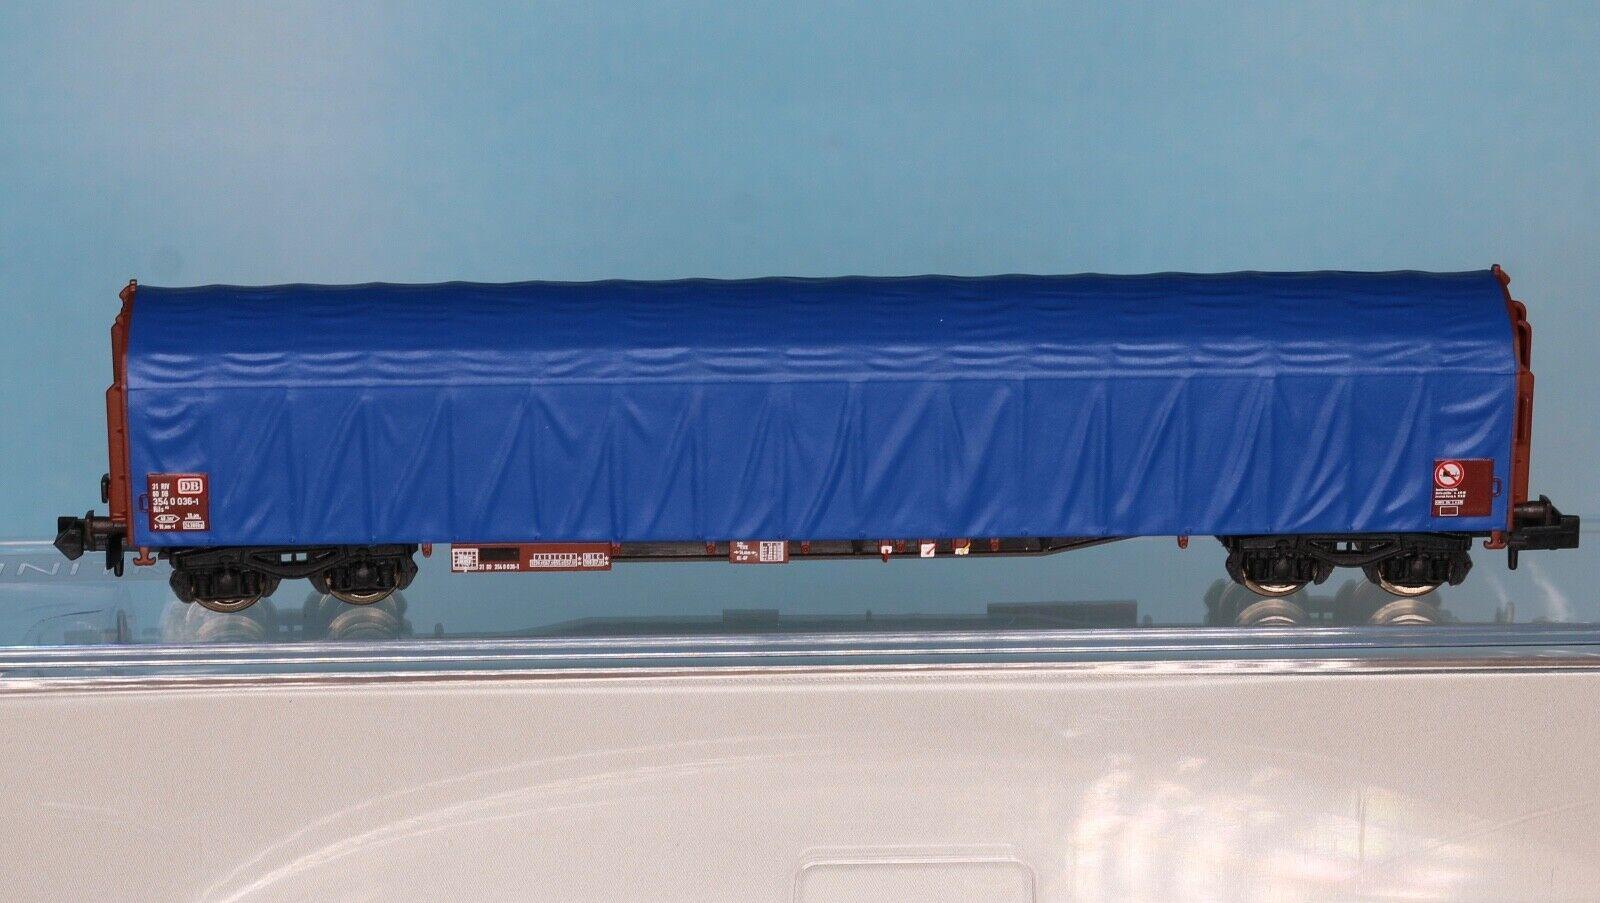 Minitrix 15869-03, Traccia N, dB piano scorrevoli carrello tipo Rils 652, blu, epoca 4-5